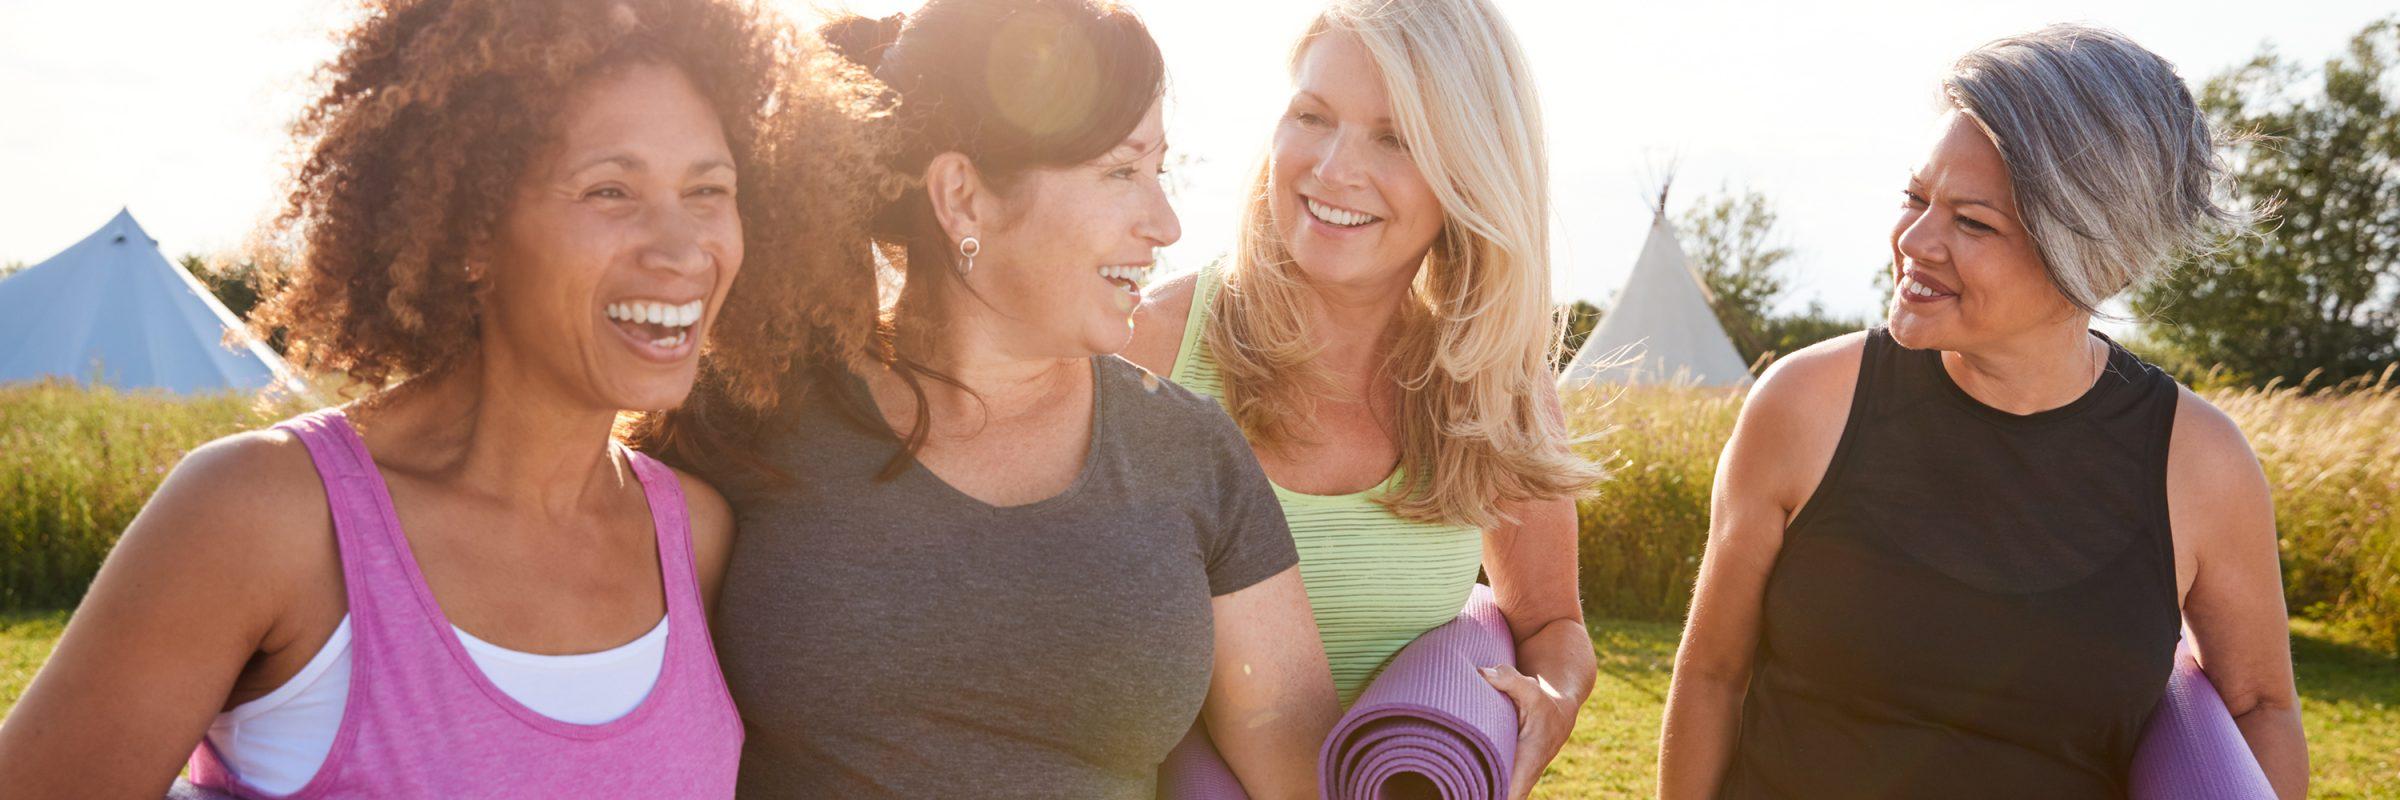 Glückliche Frauen beim Yoga Workout